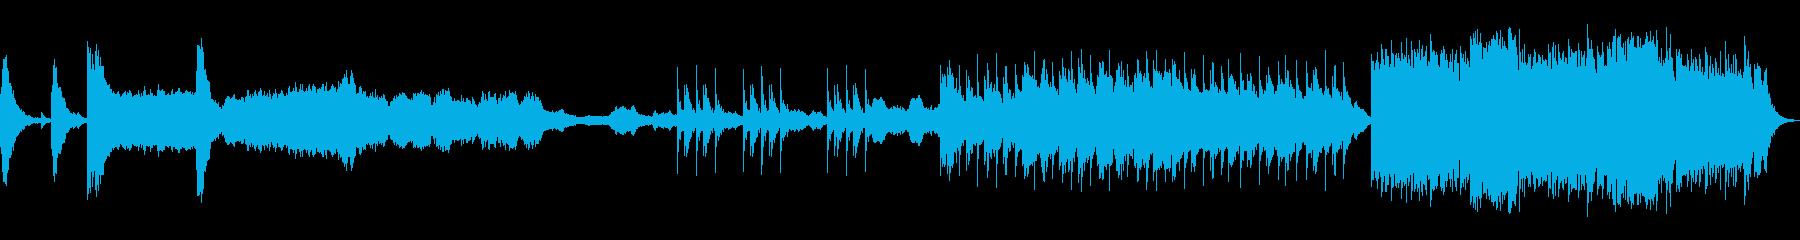 オーケストラ、アドベンチャー、神秘...の再生済みの波形